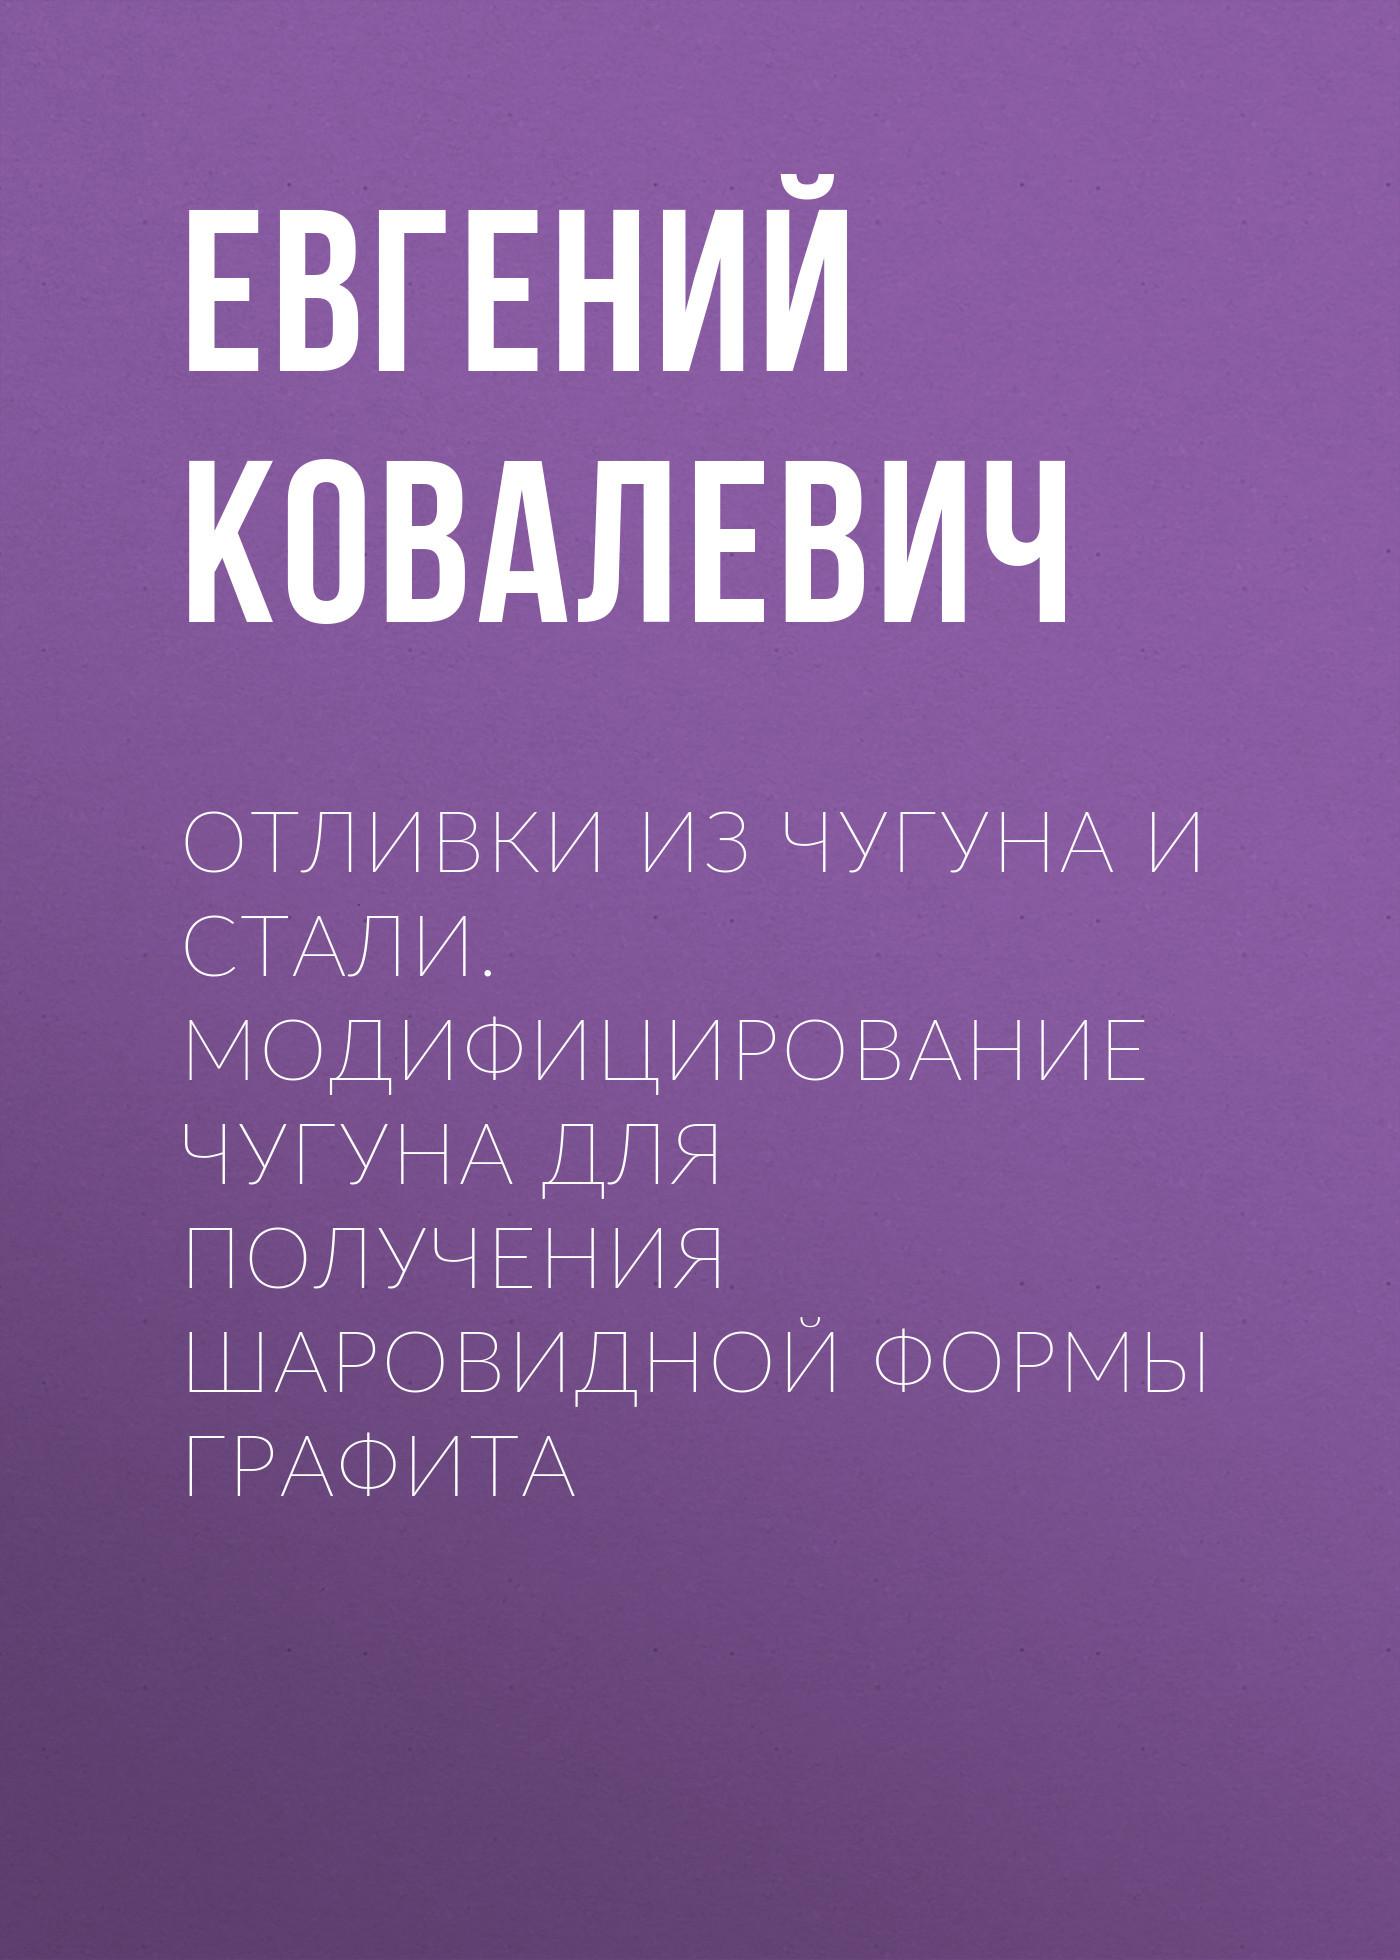 Евгений Ковалевич Отливки из чугуна и стали. Модифицирование чугуна для получения шаровидной формы графита